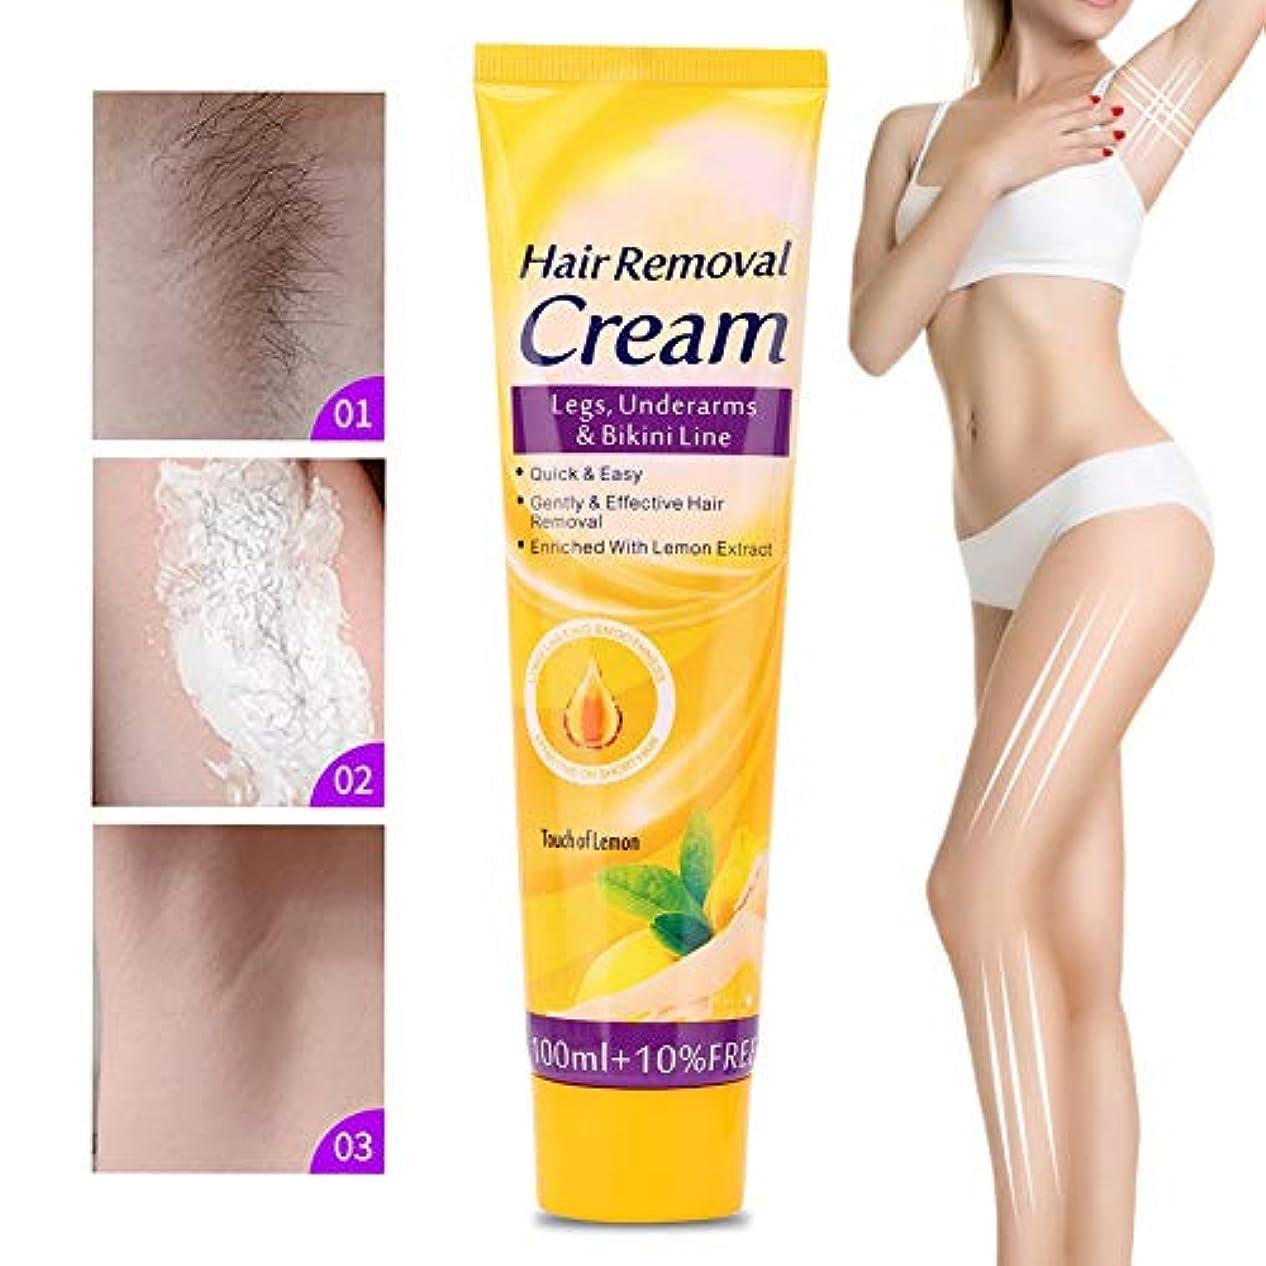 カナダリーガン意見男女兼用の脱毛クリーム、穏やかな痛みのない安全な脱毛クリームを使用するのに便利簡単に太い髪の除去脚の腕に使用される滑らかで柔らかい肌